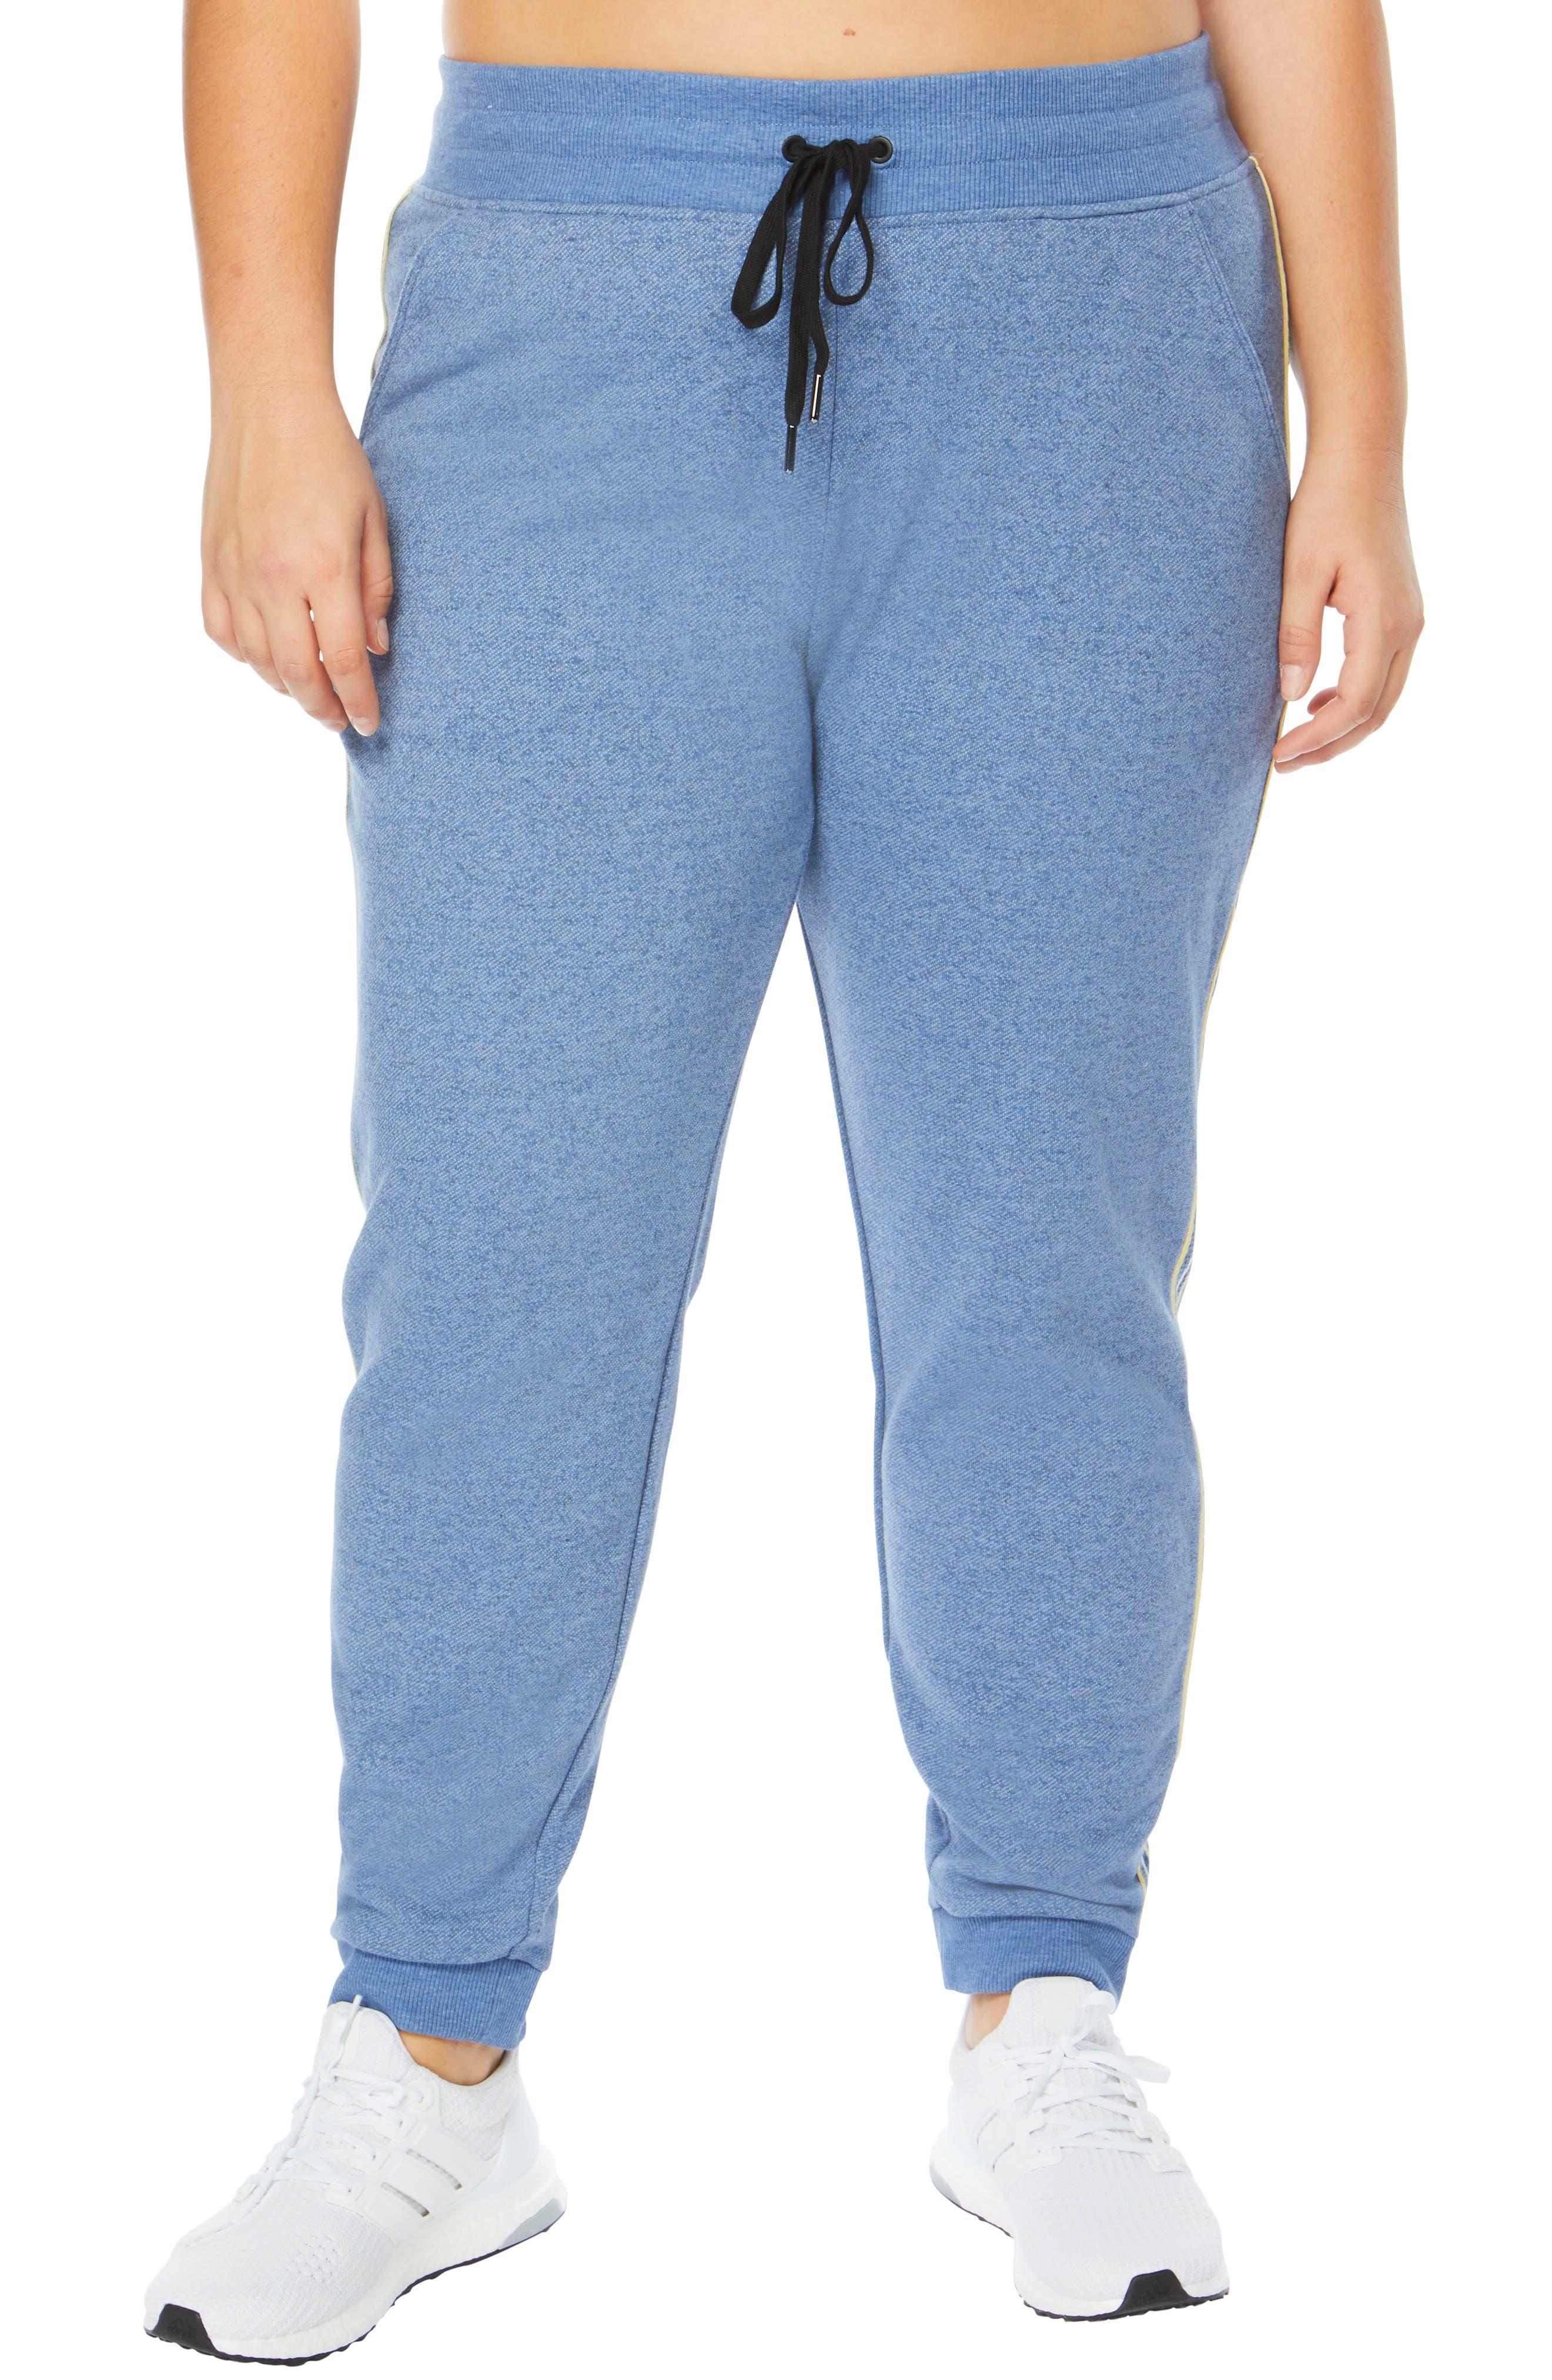 Plus Women's Shape Activewear Bliss Neppy Sweatpants